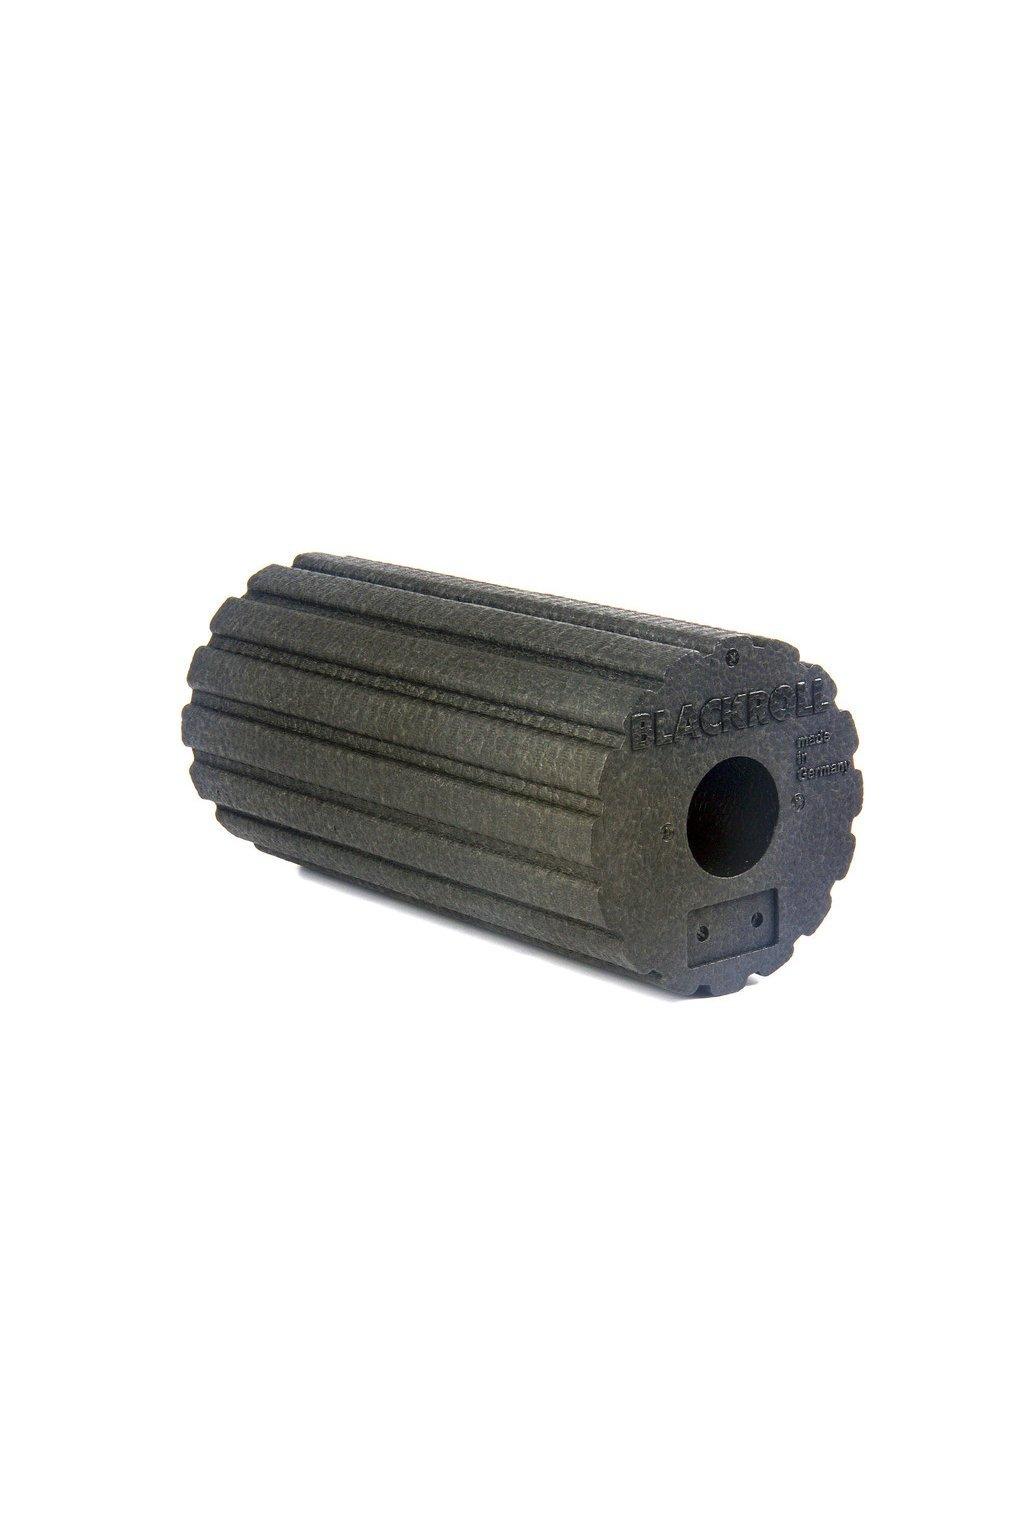 582 blackroll groove(2)